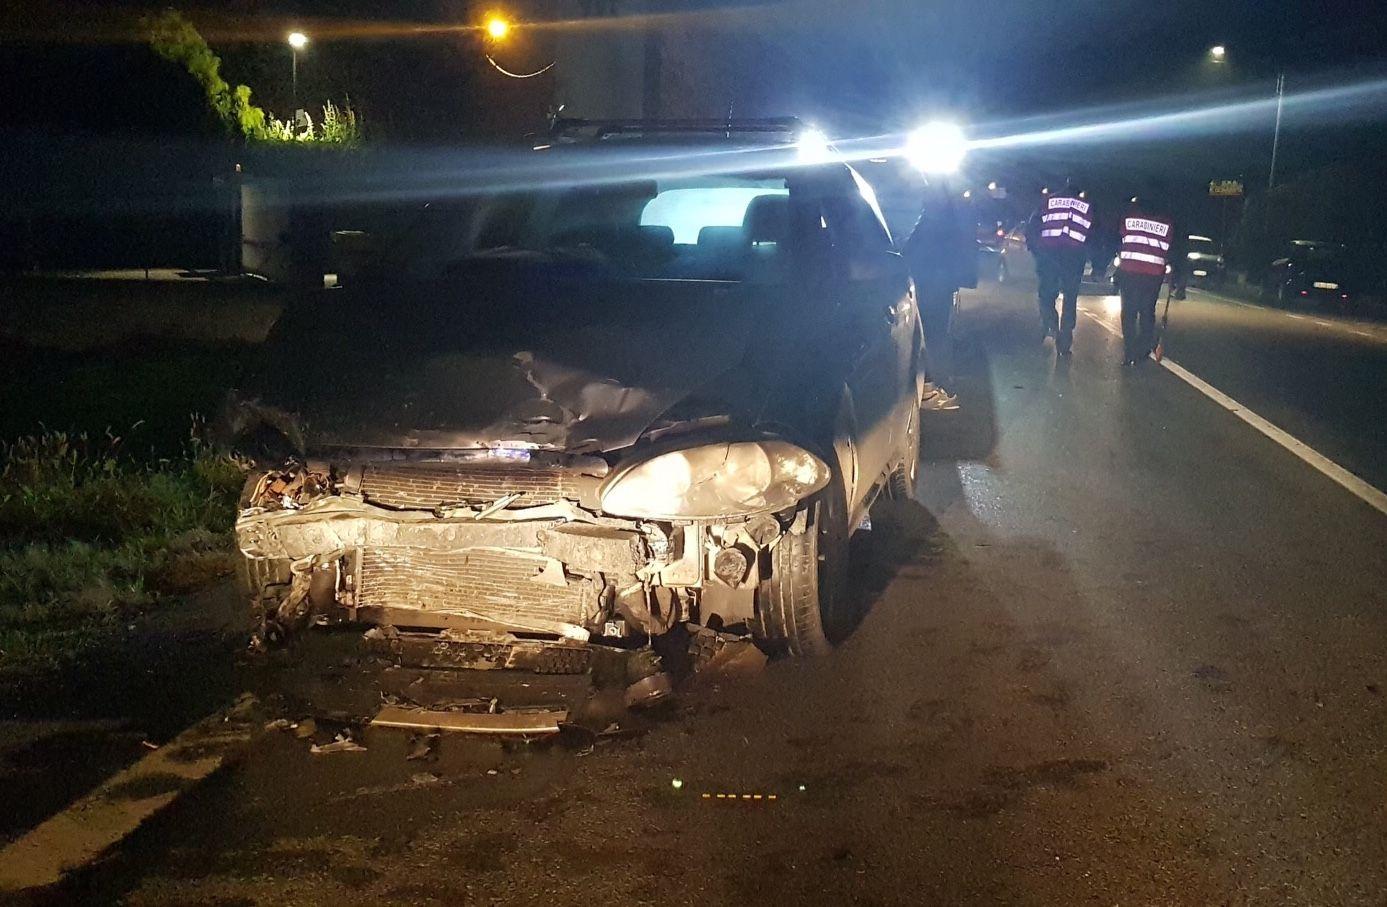 OZEGNA-SAN GIORGIO - Incidente stradale, due feriti - FOTO